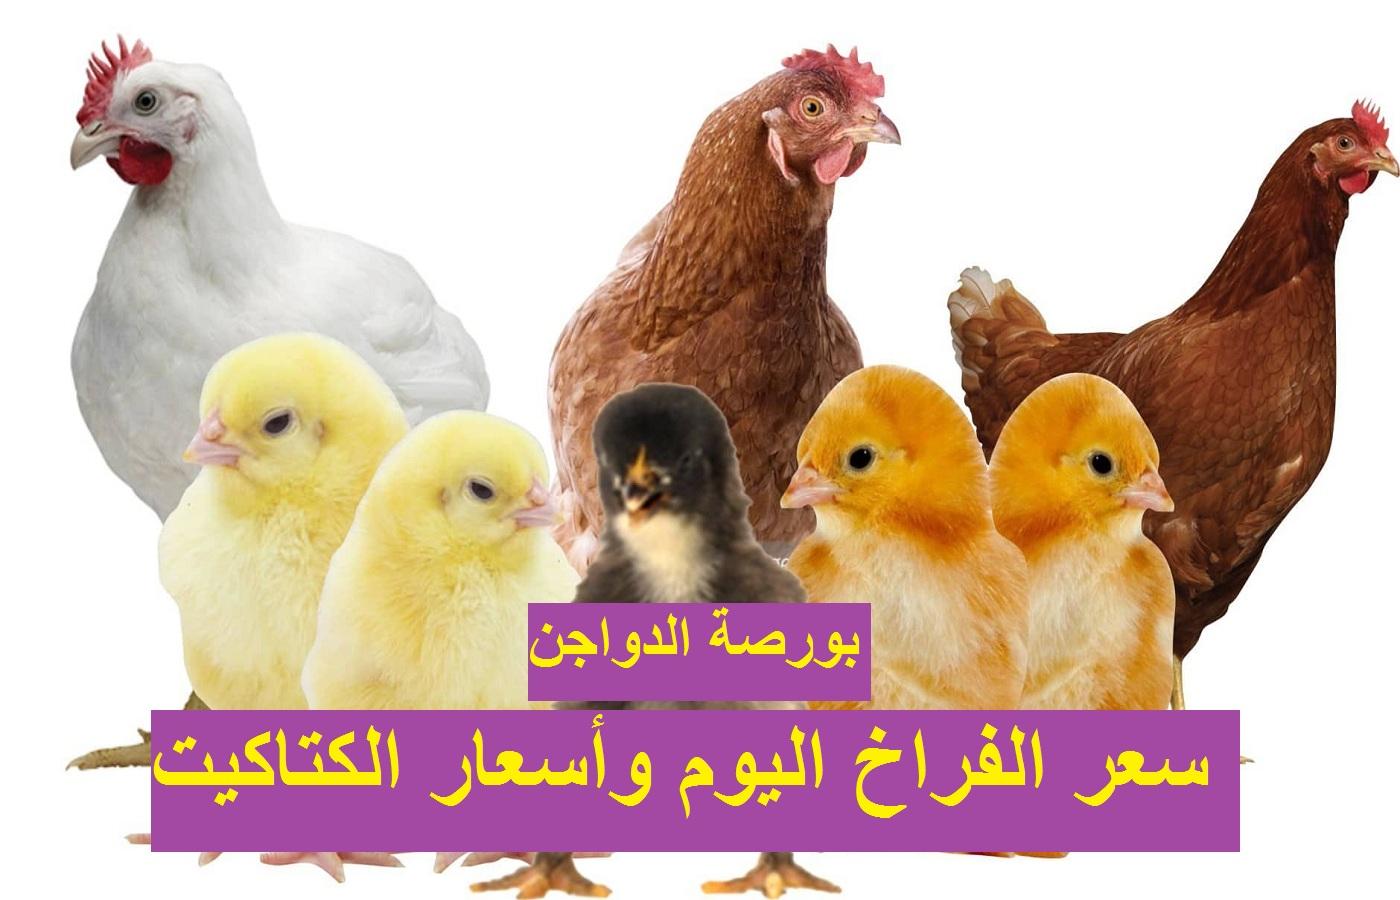 بورصة الدواجن الأربعاء.. زيادة جديدة تضرب سعر الفراخ البيضاء اليوم 12 مايو والكتكوت الابيض يصعد من جديد 5